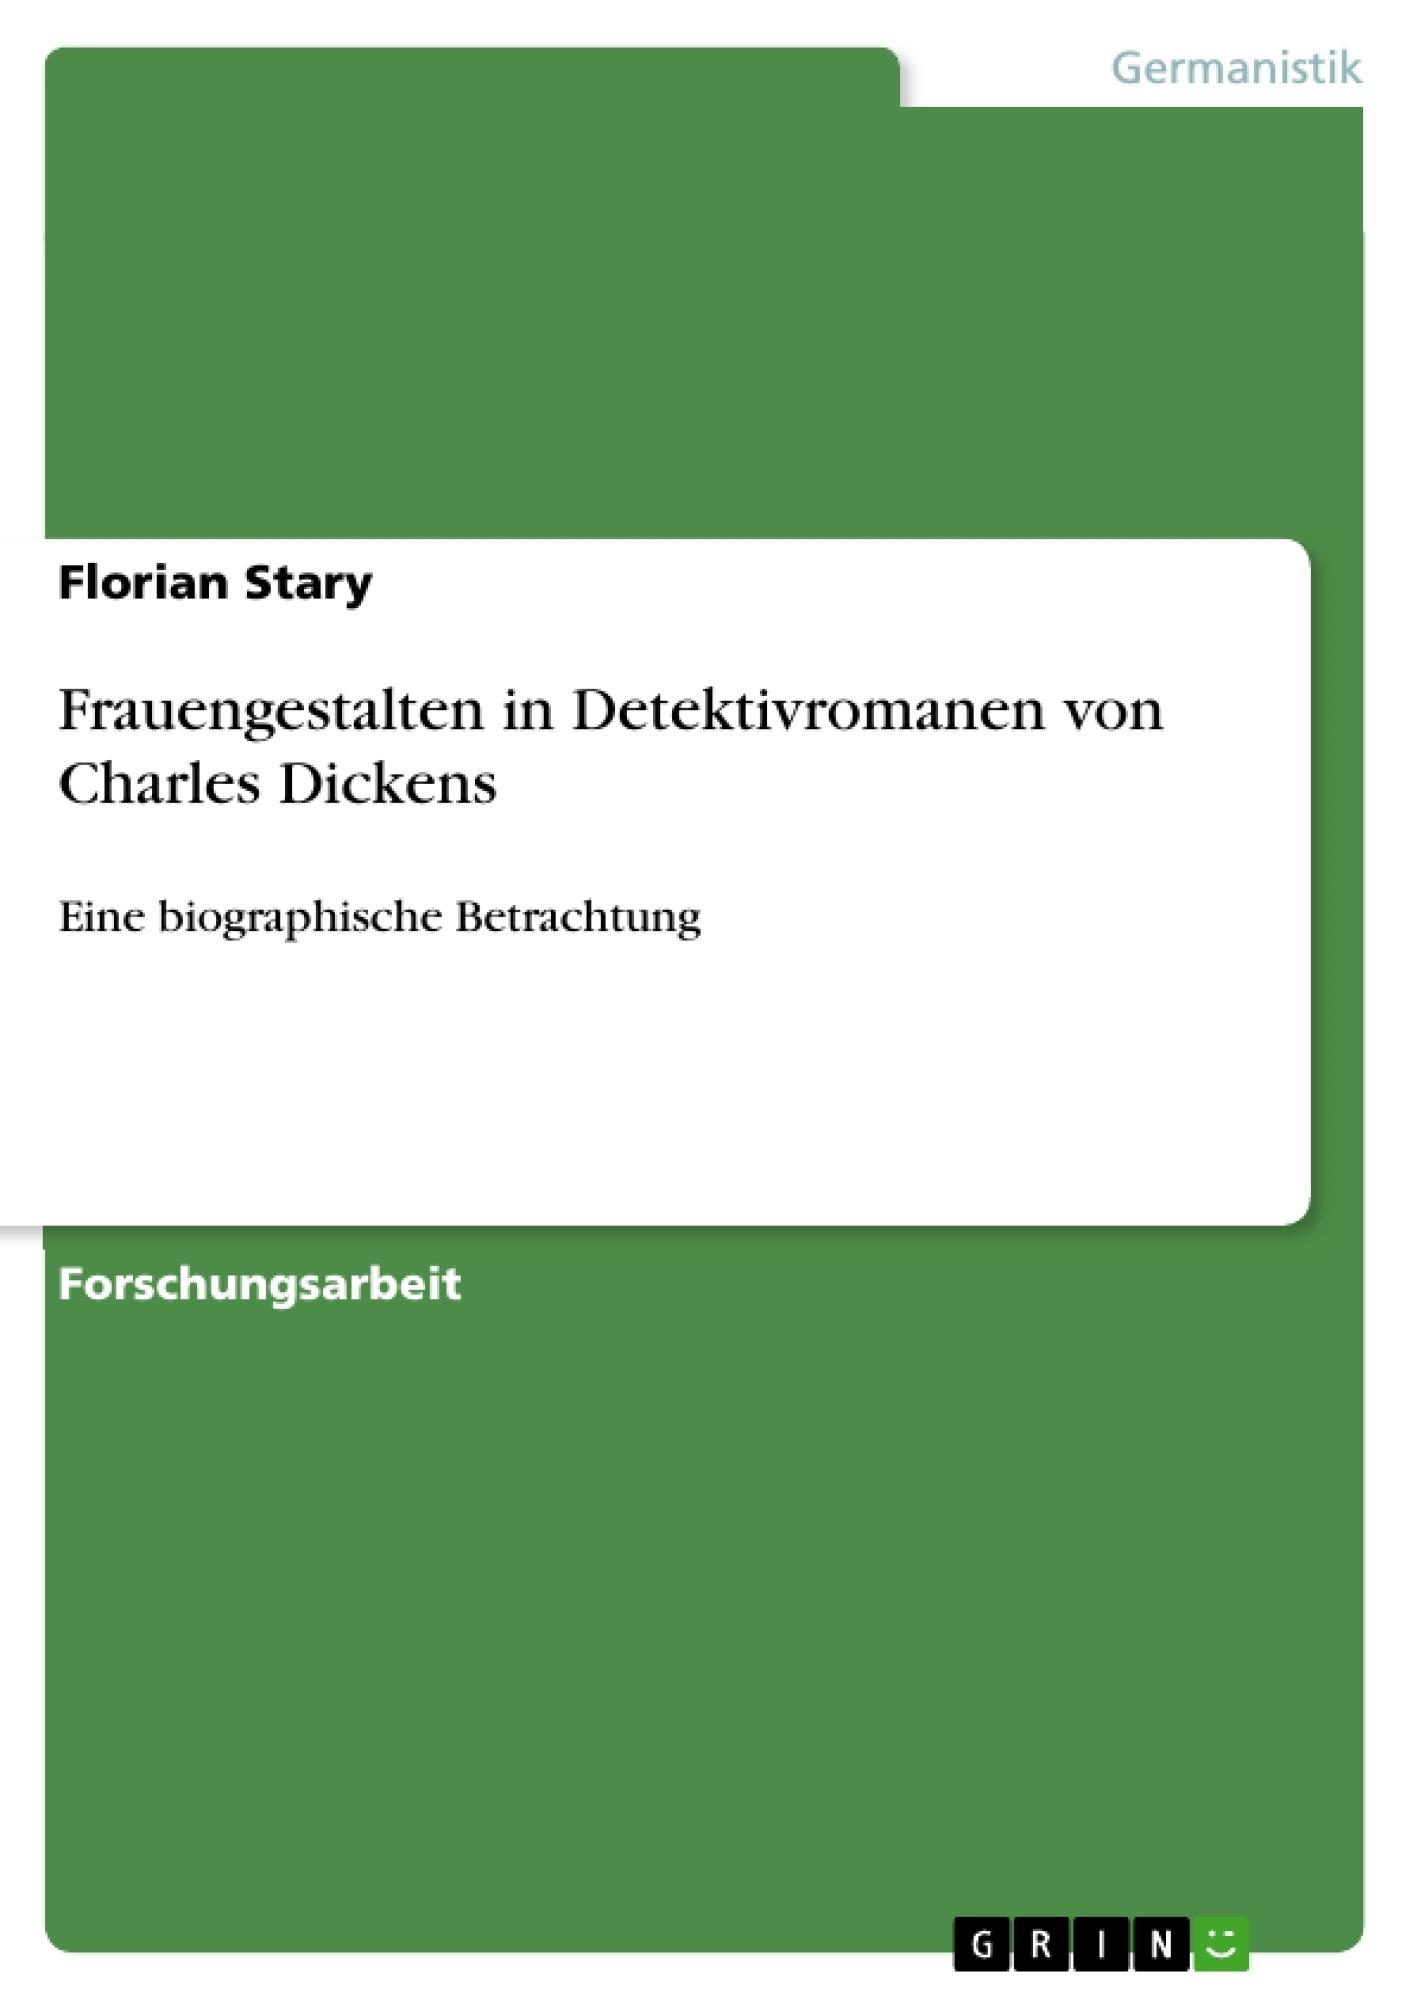 Titel: Frauengestalten in Detektivromanen von Charles Dickens